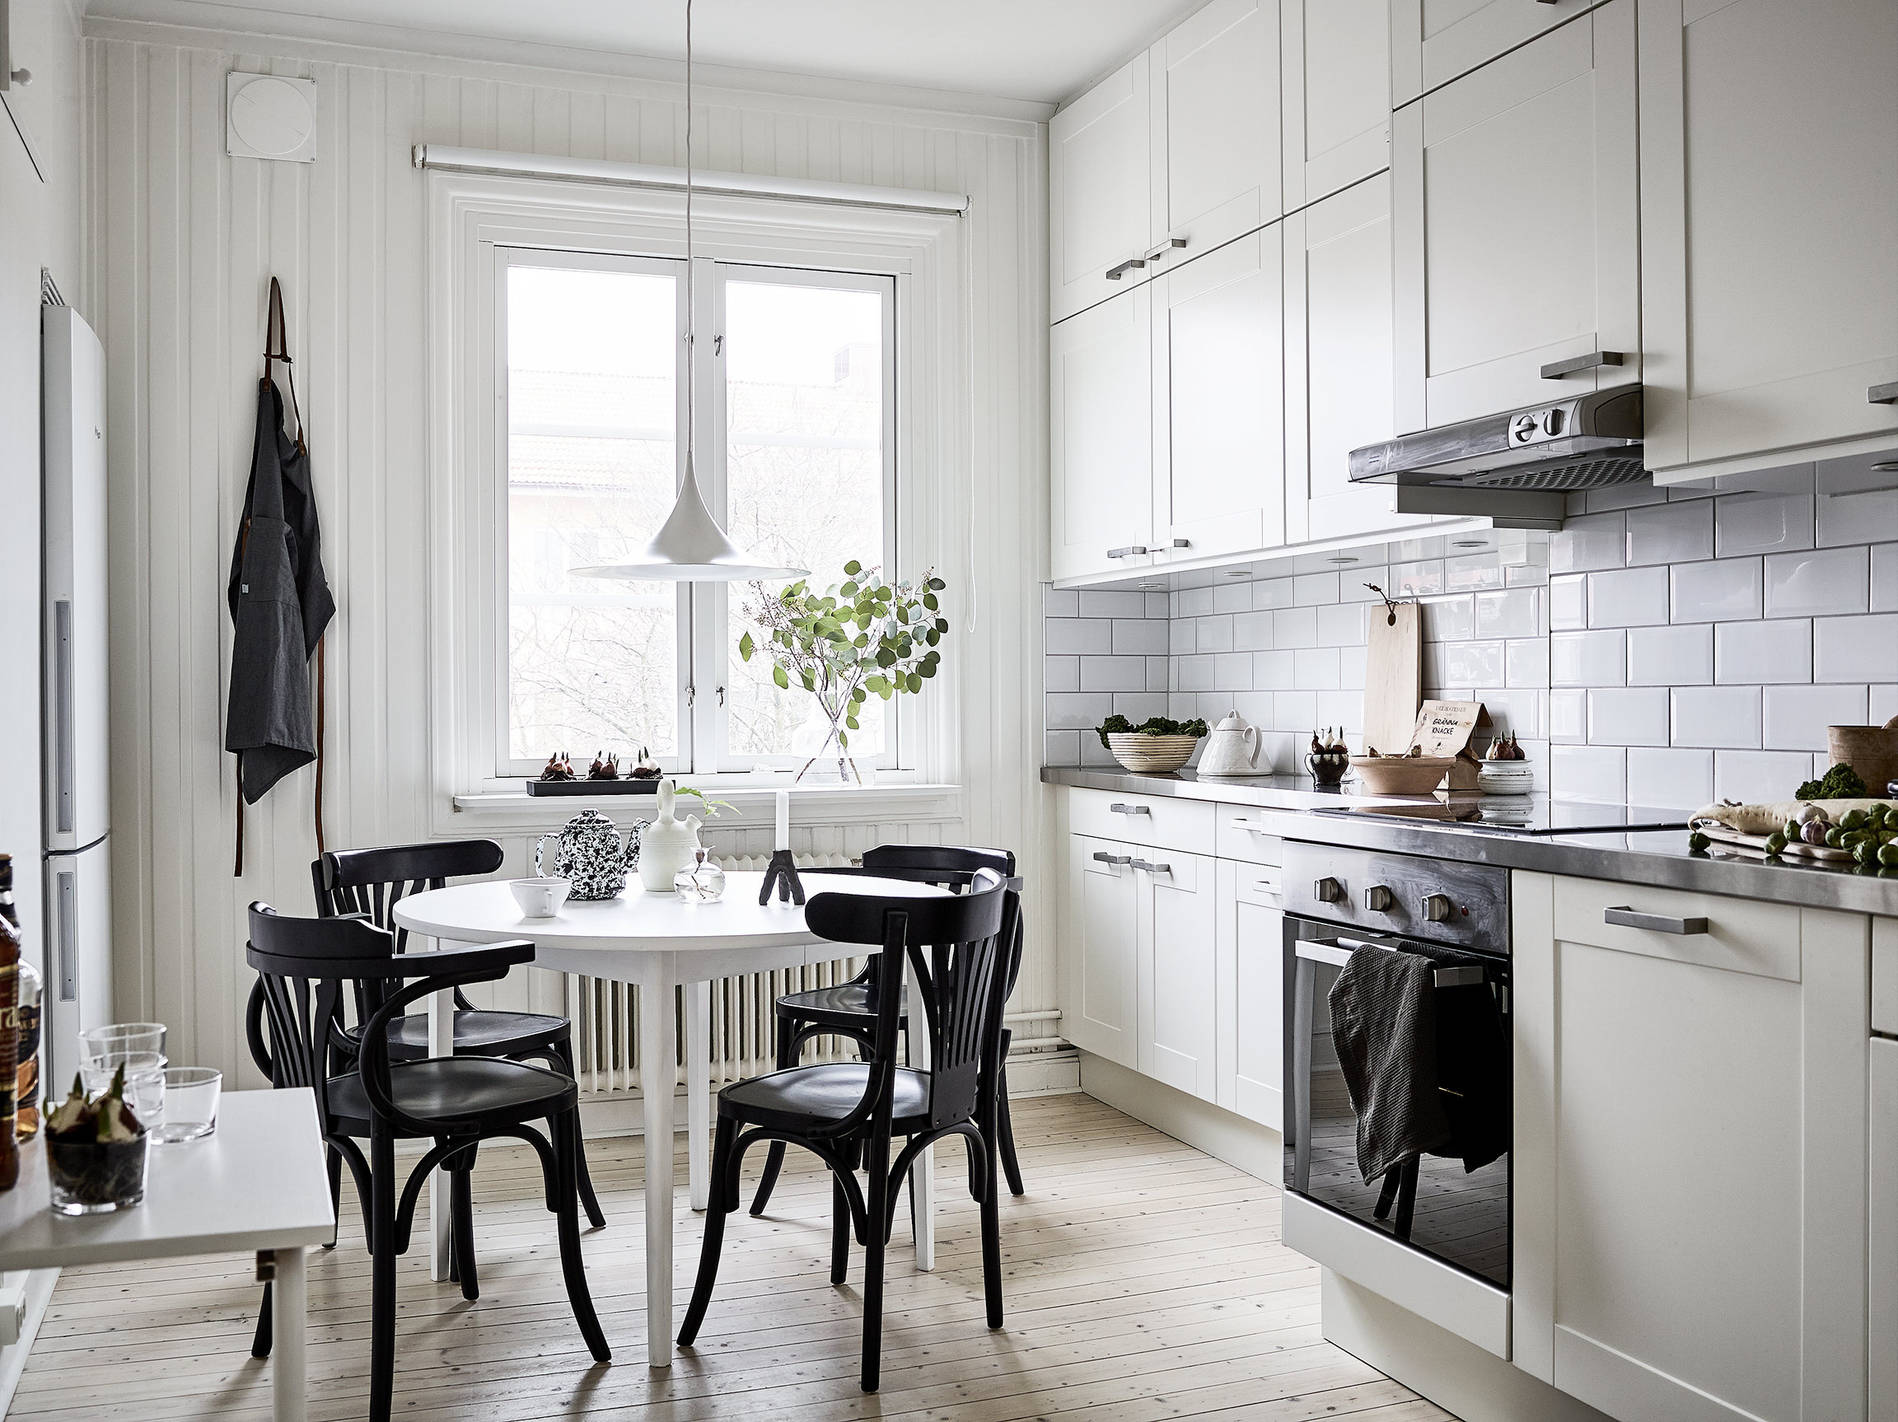 Mesa blanca sillas negras blog tienda decoraci n estilo for Sillas de cocina de diseno